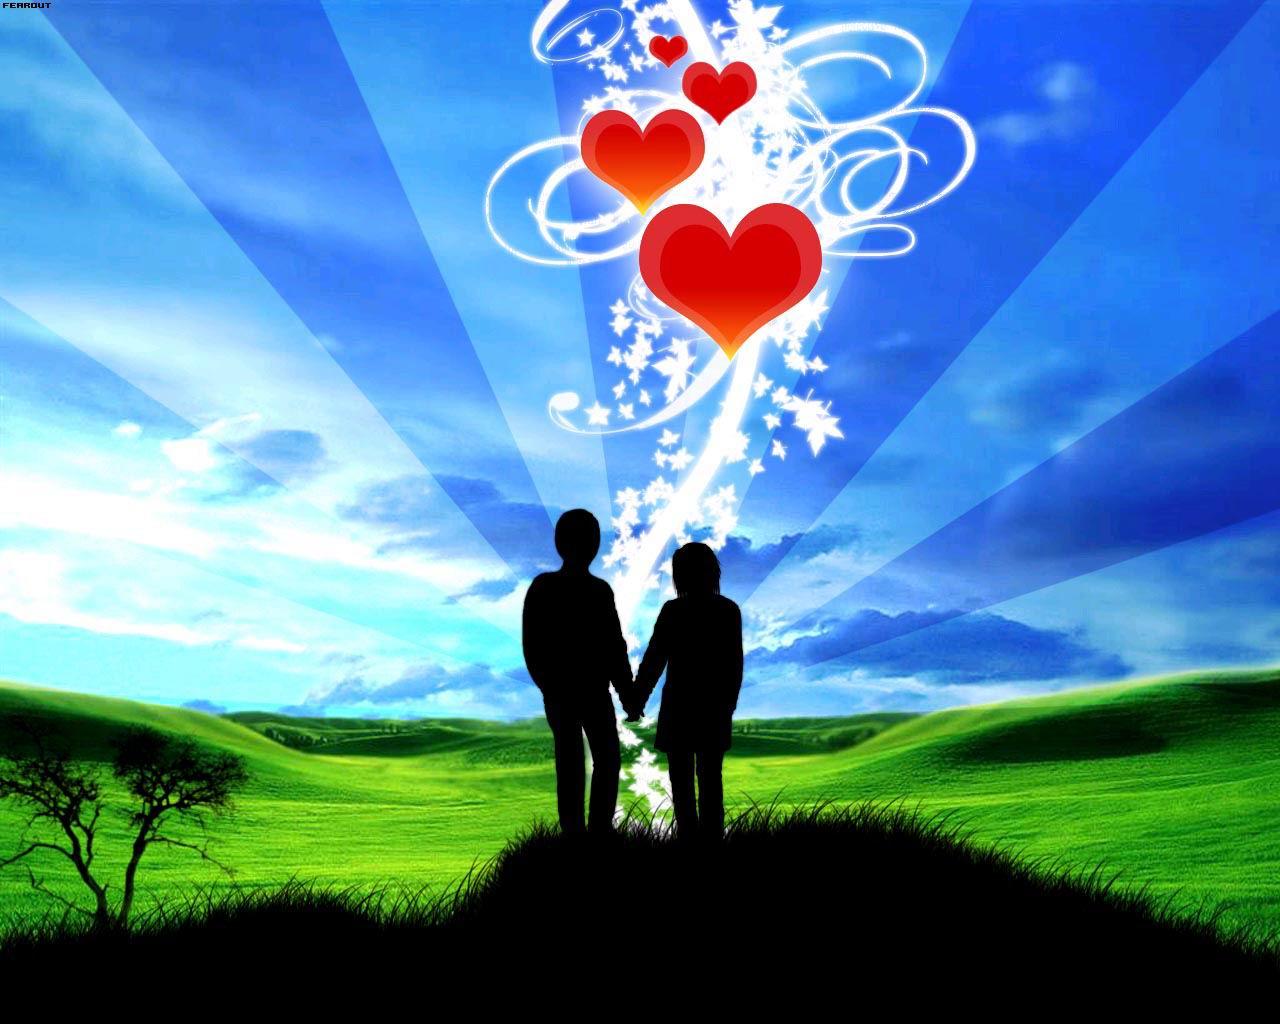 http://4.bp.blogspot.com/_ybG13FyTpq0/TJwNvfdi-YI/AAAAAAAAAC8/bX29_4JpbAE/s1600/love_wallpaper_111.jpg